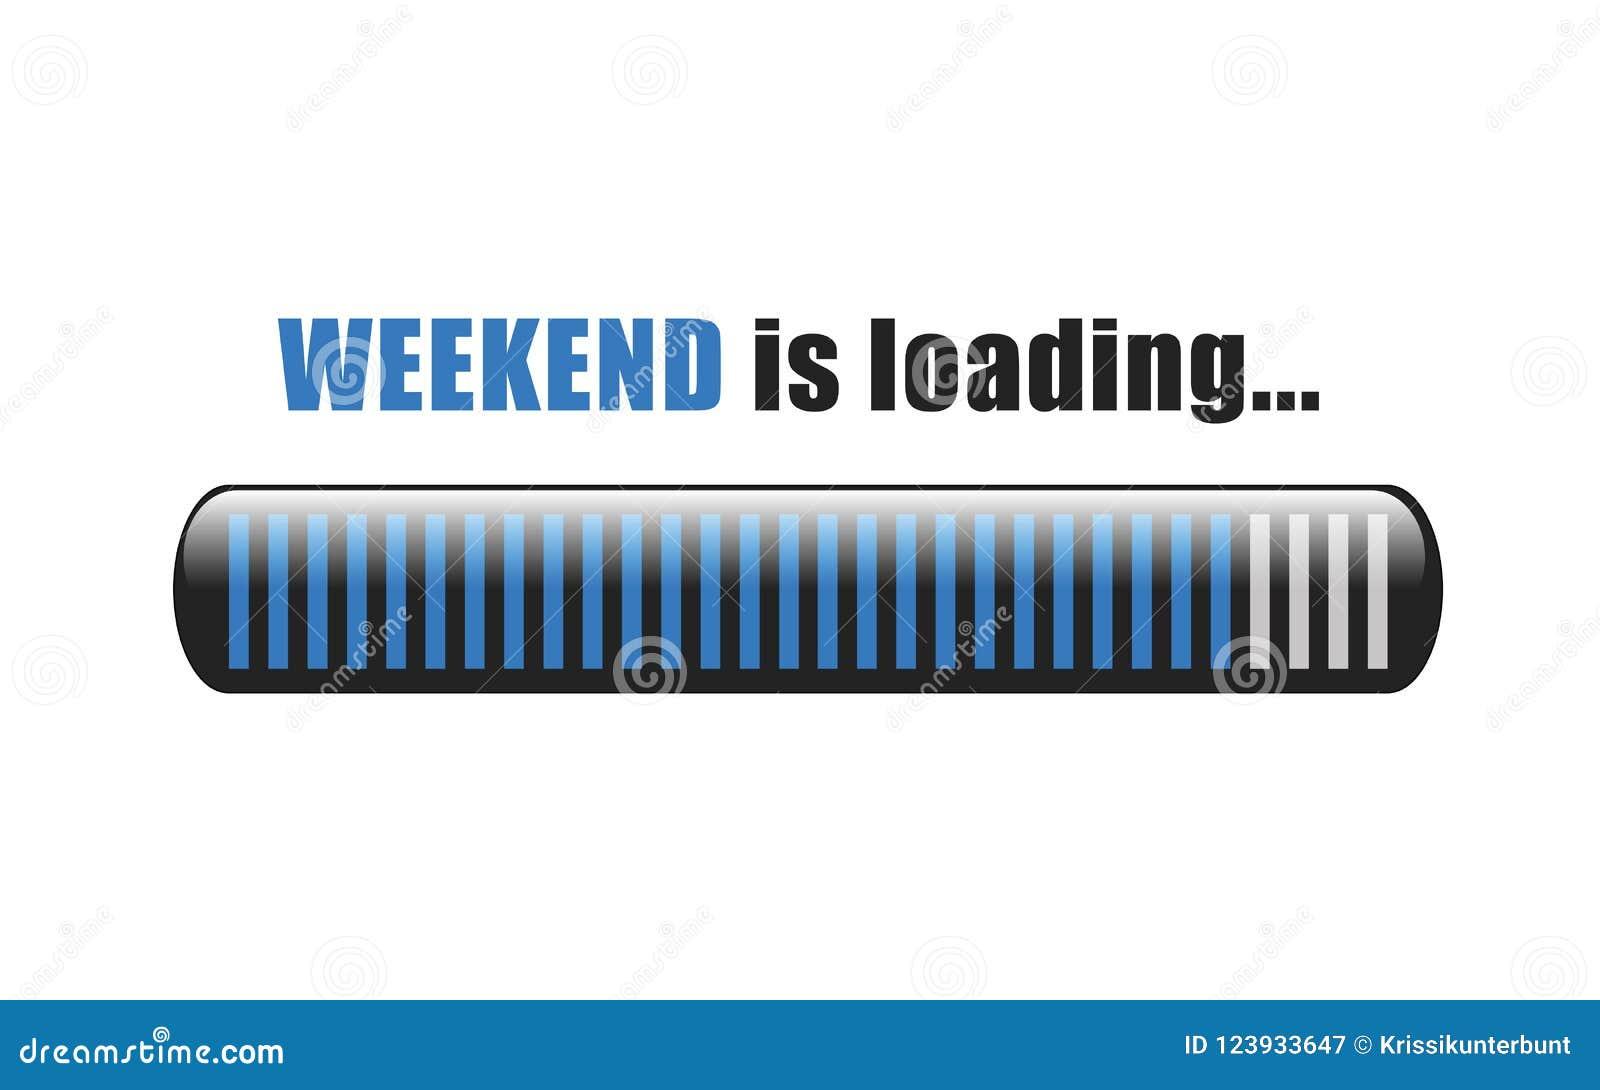 Weekend is loading blue bar